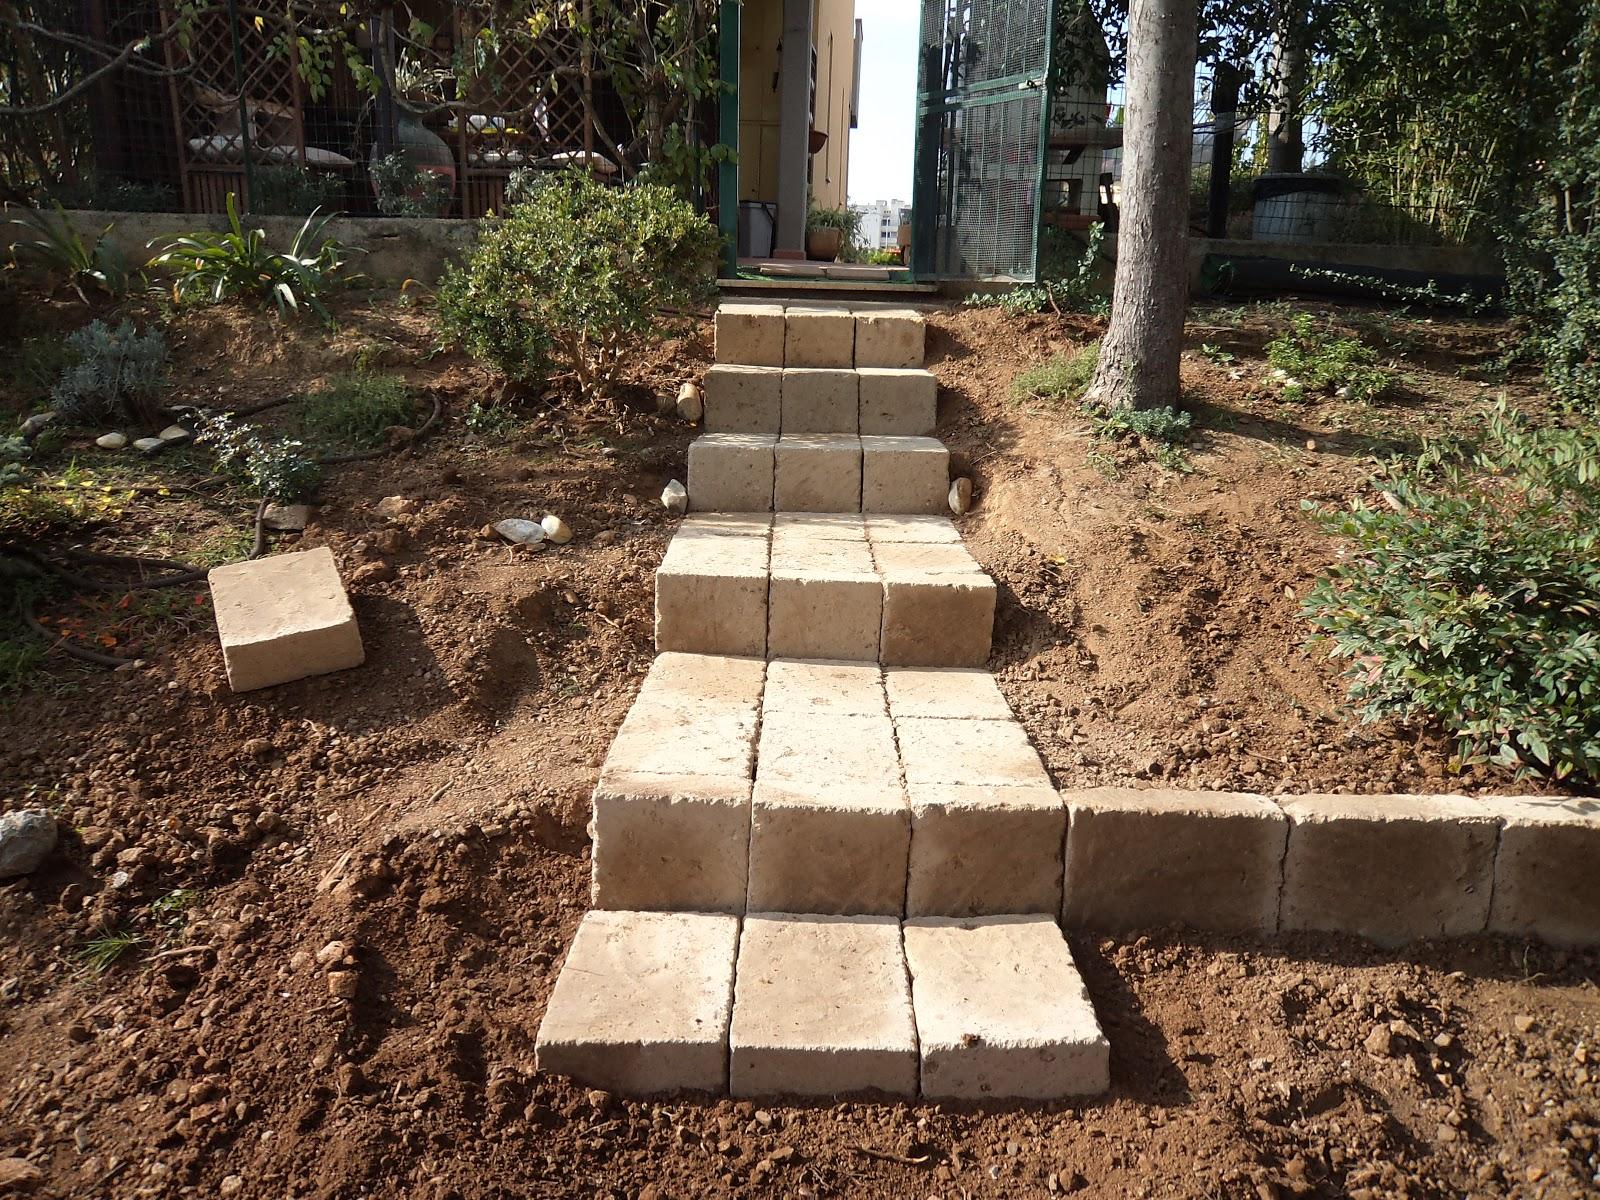 I giardini di carlo e letizia ottobre 2012 for Creazioni giardini